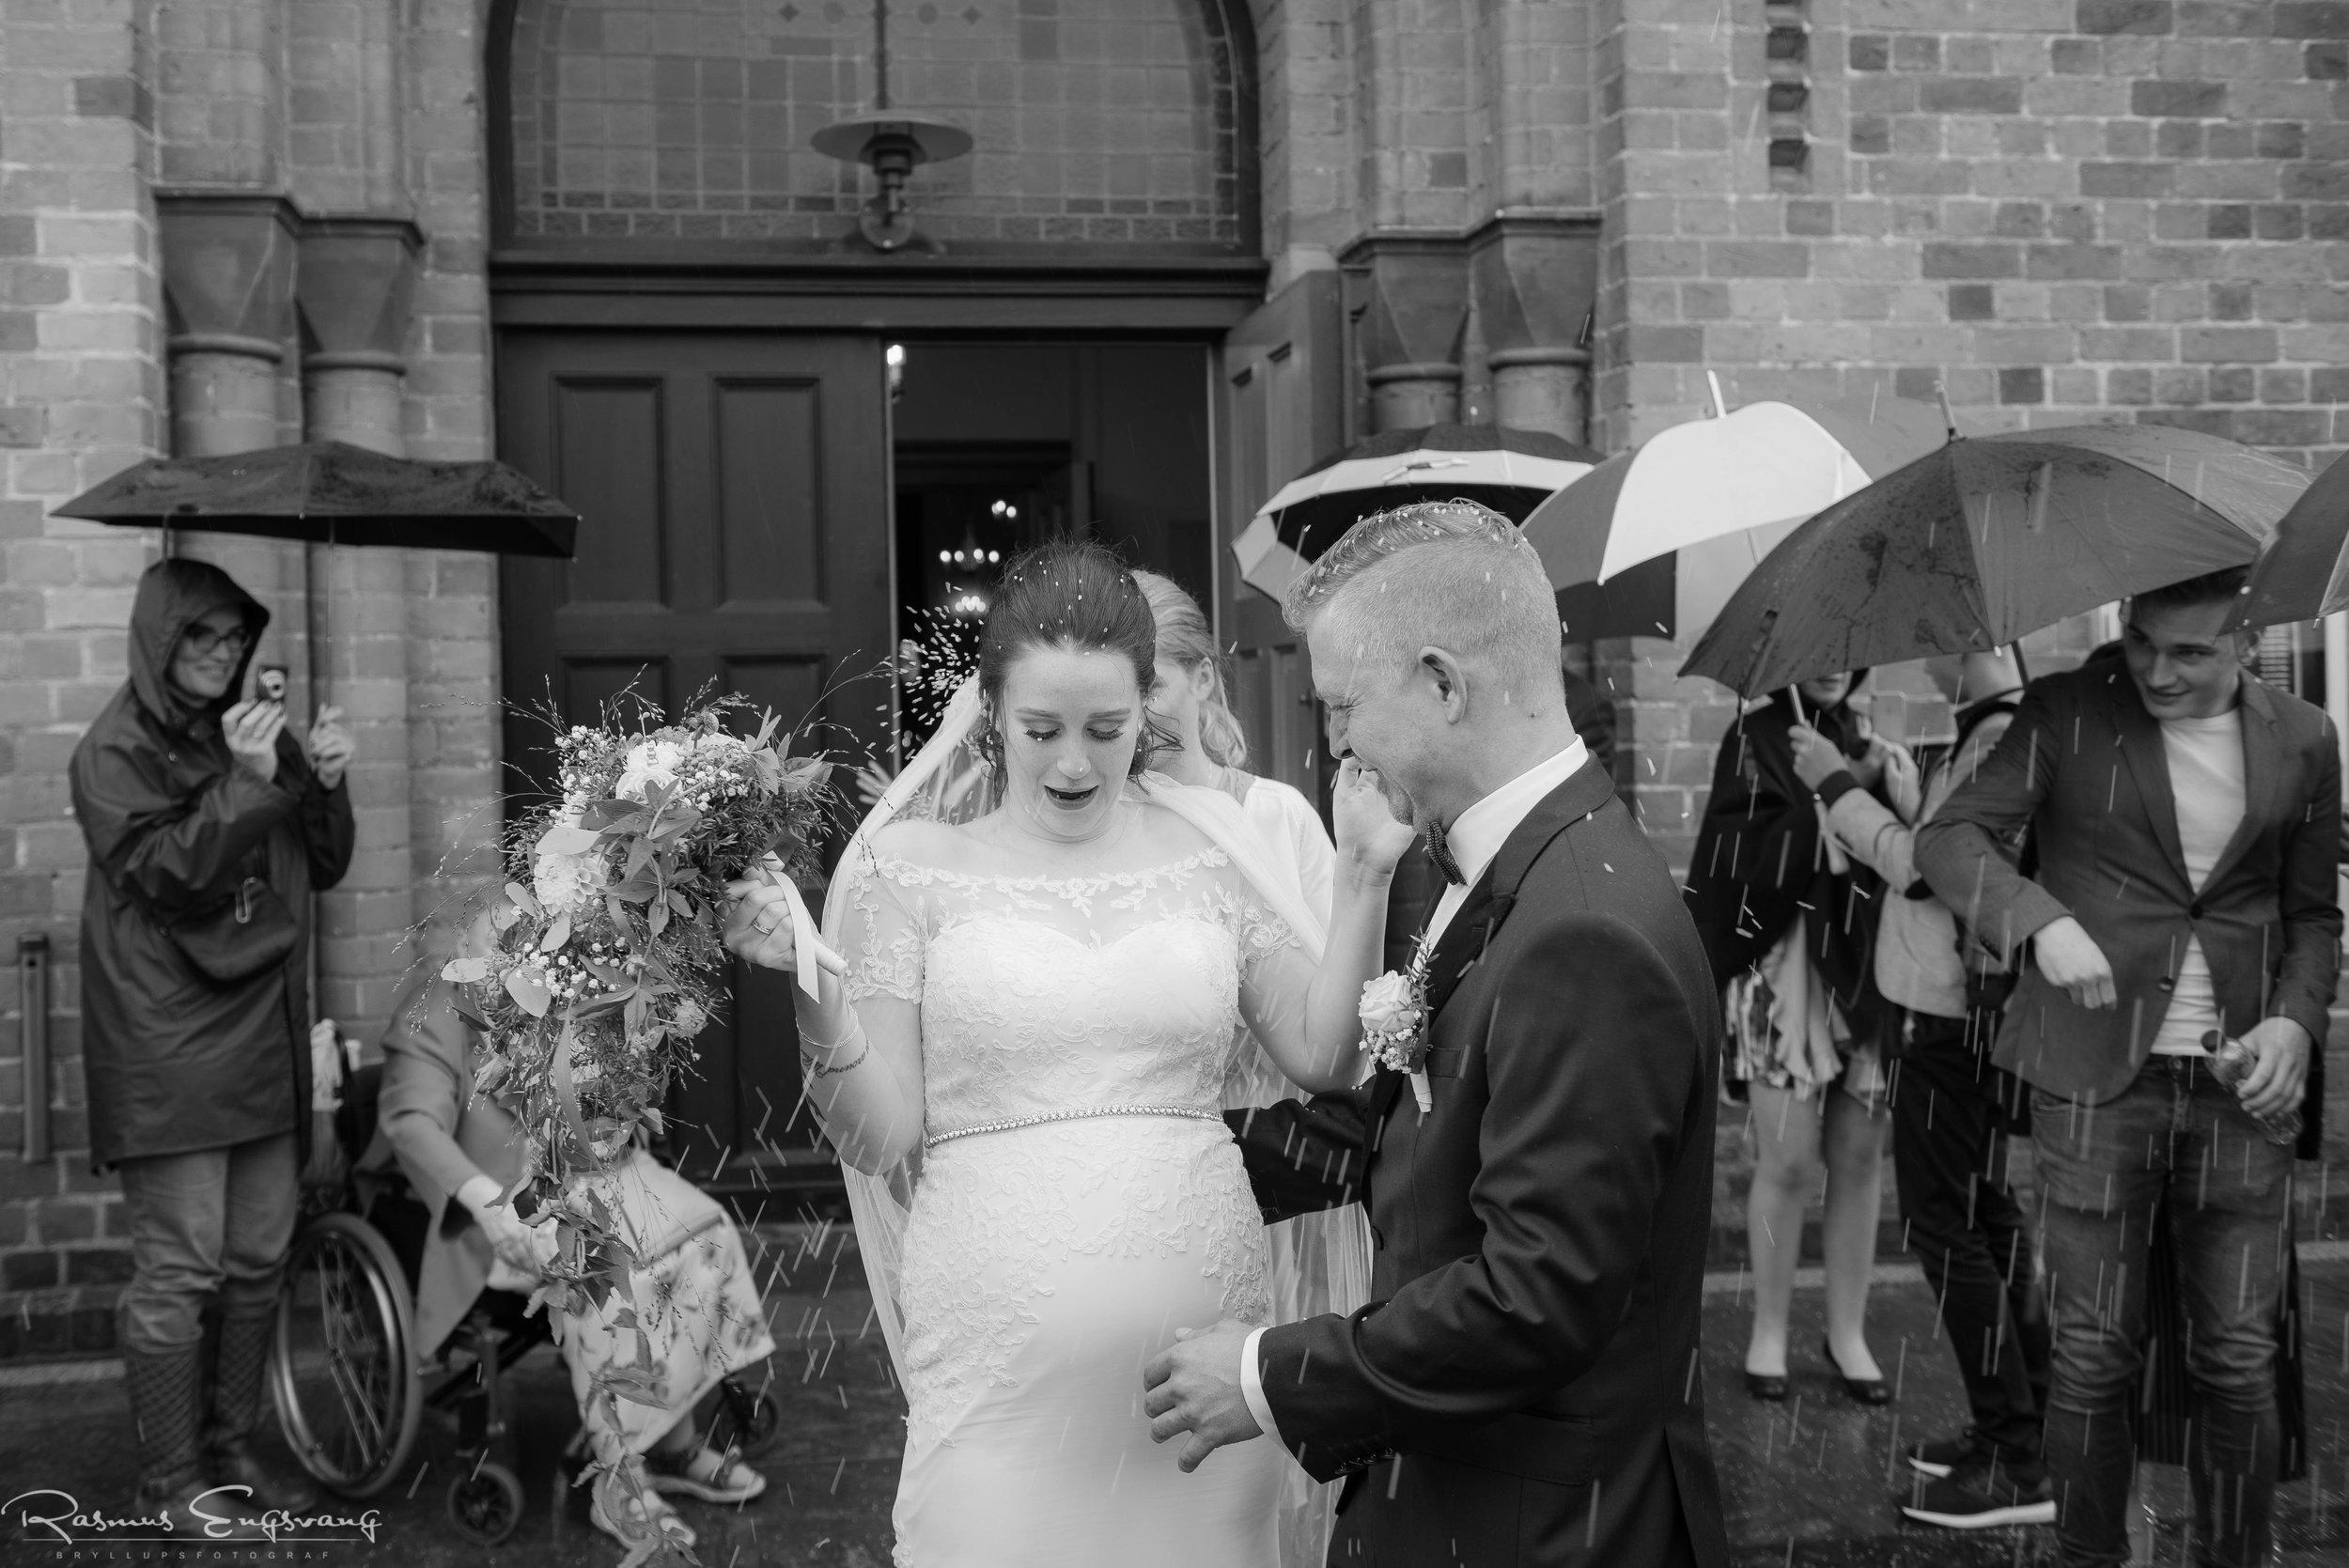 Bryllupsfotograf_Holbæk_Ringsted_Sjælland-111.jpg